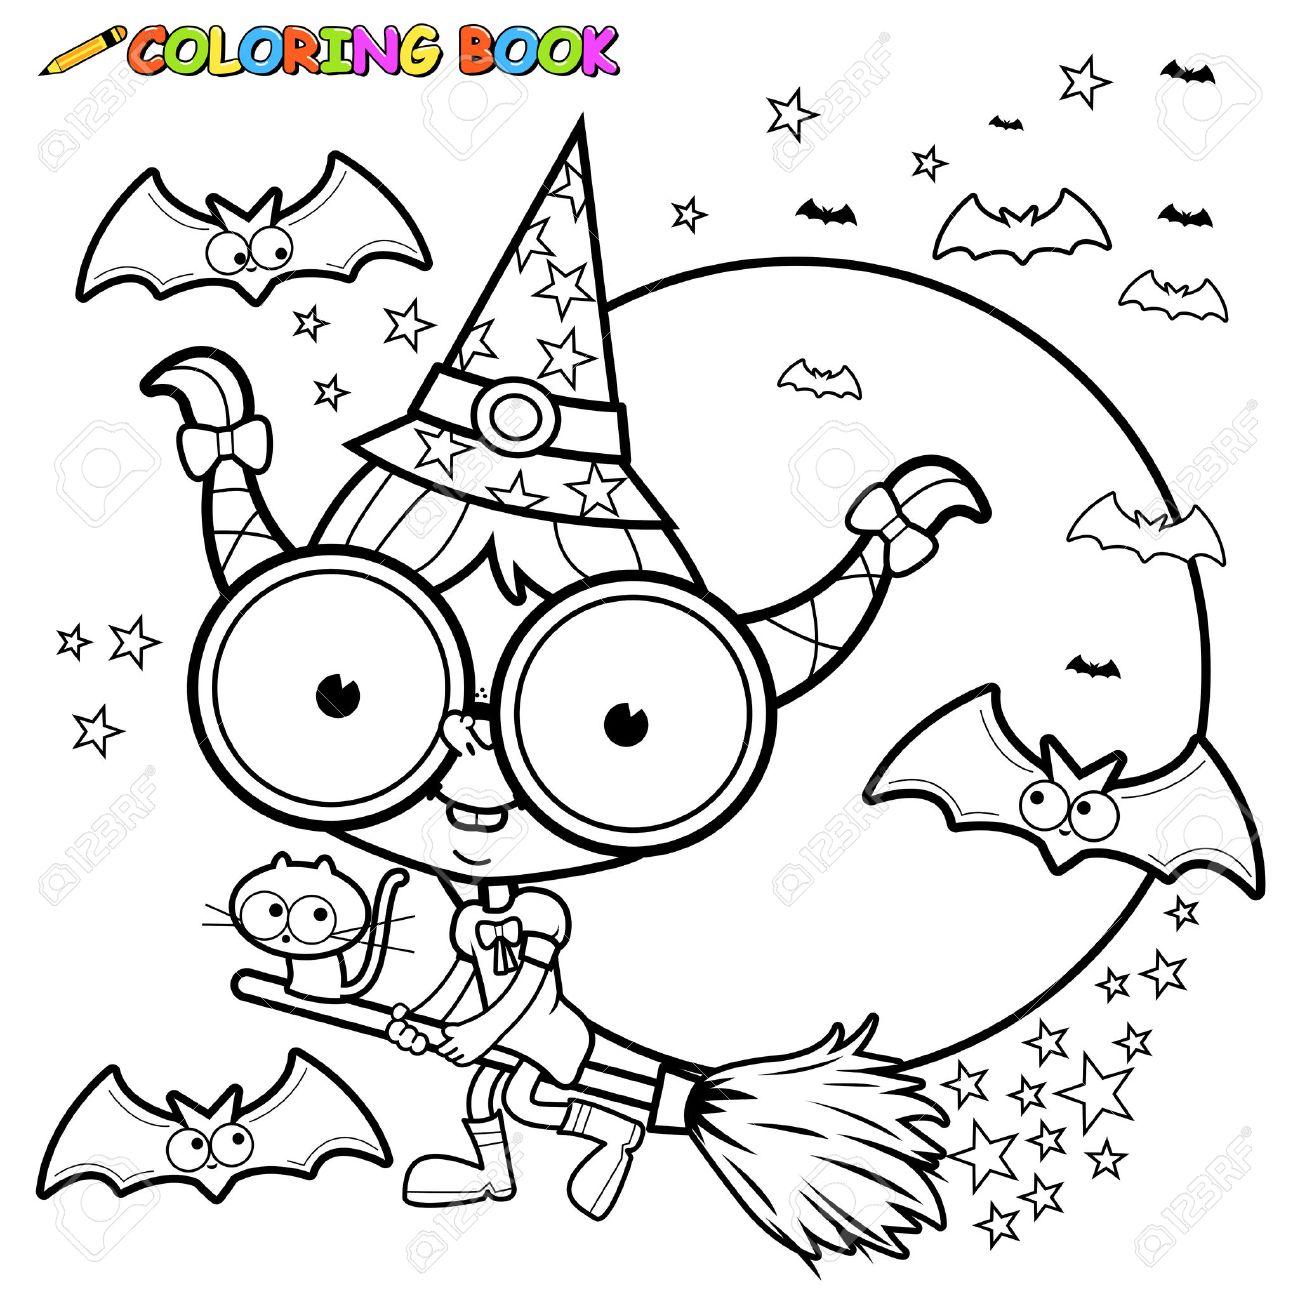 Foto de archivo , Dibujo para colorear Bruja de Halloween volar con una escoba.